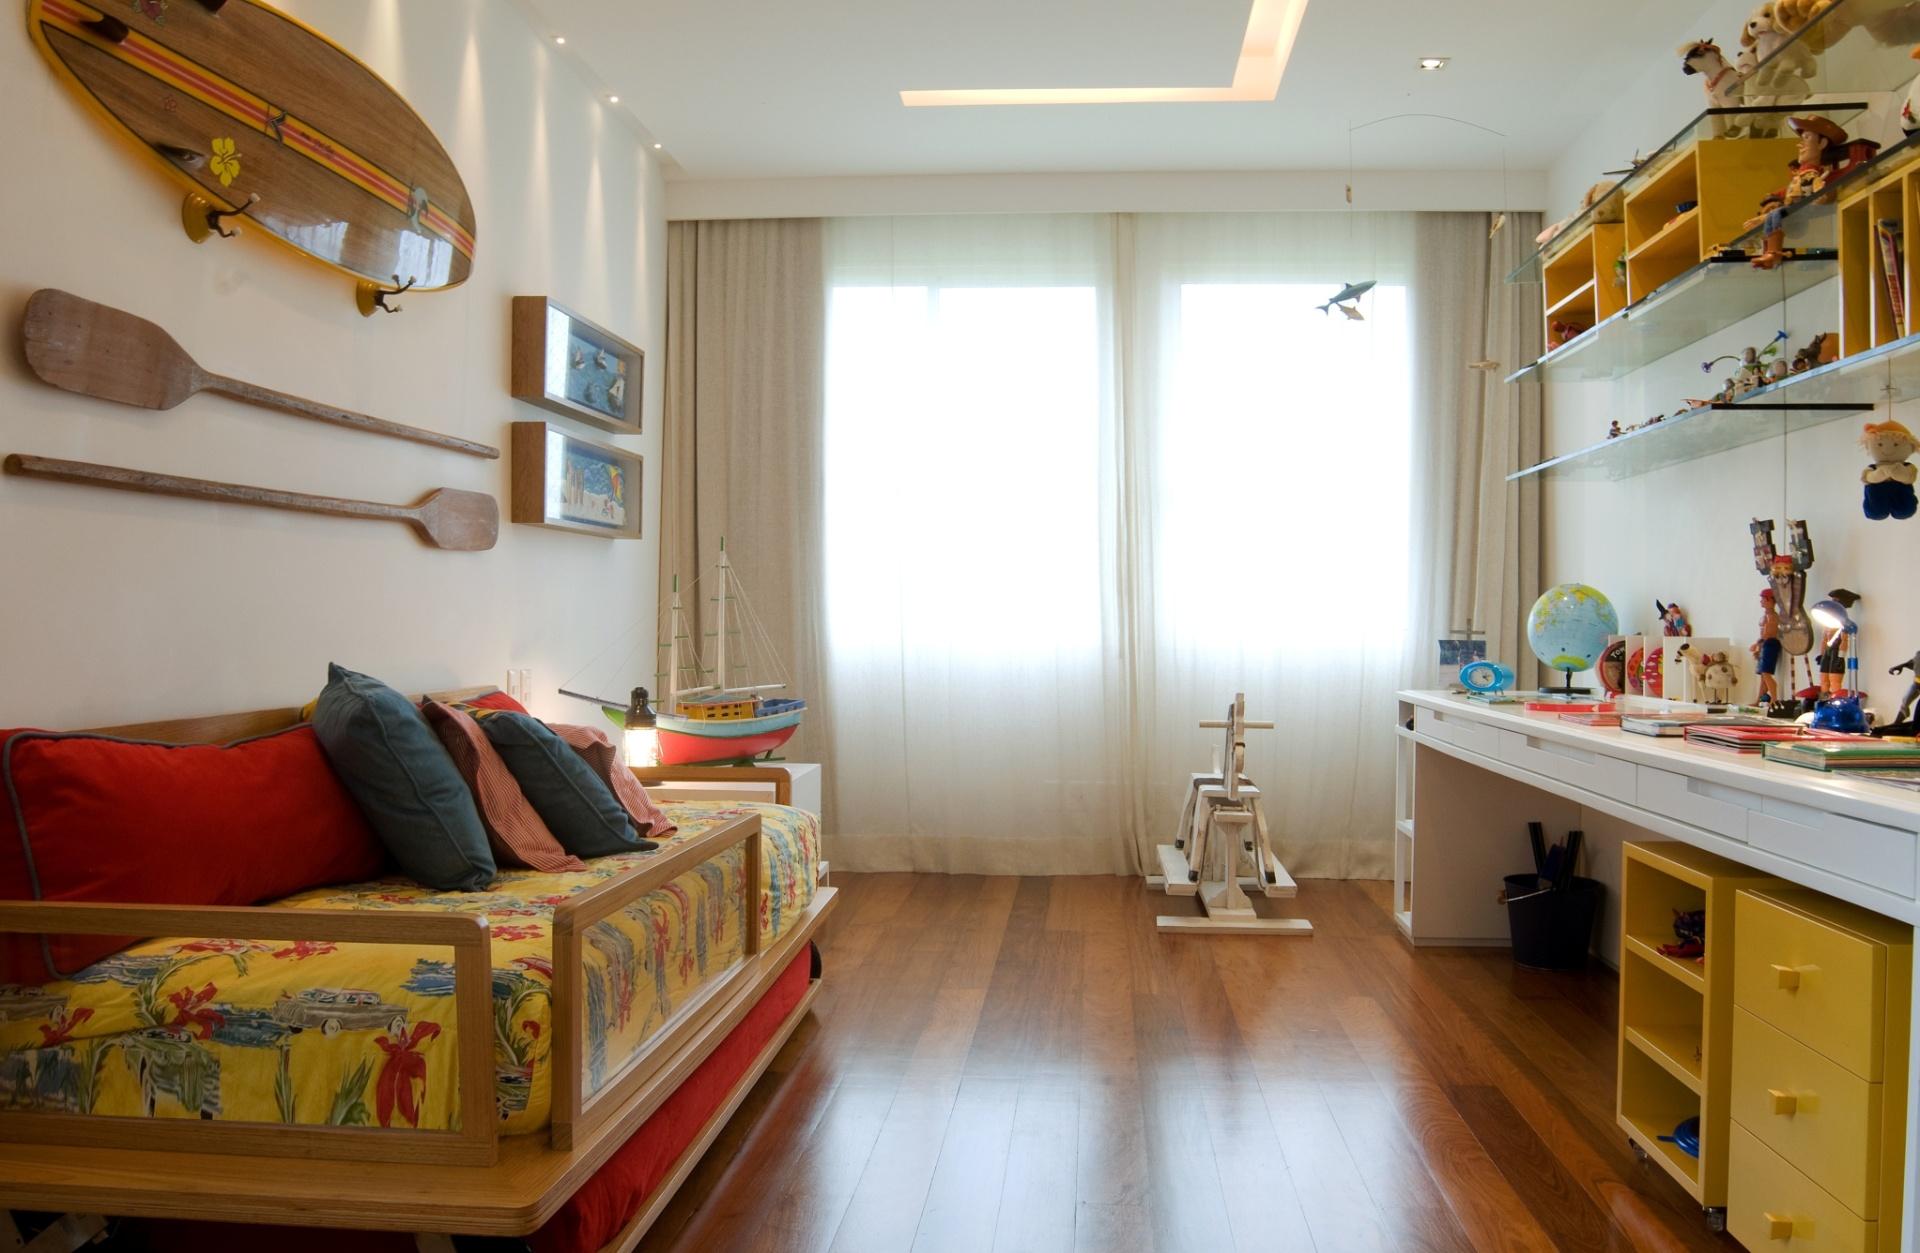 O projeto de reforma e interiores, assinado pela arquiteta Izabela Lessa, interligou dois apartamentos transformando-os em um dúplex, de 600 m², localizado em São Conrado (RJ). No quarto de um dos filhos dos proprietários, a decoração é inspirada no cenário praiano